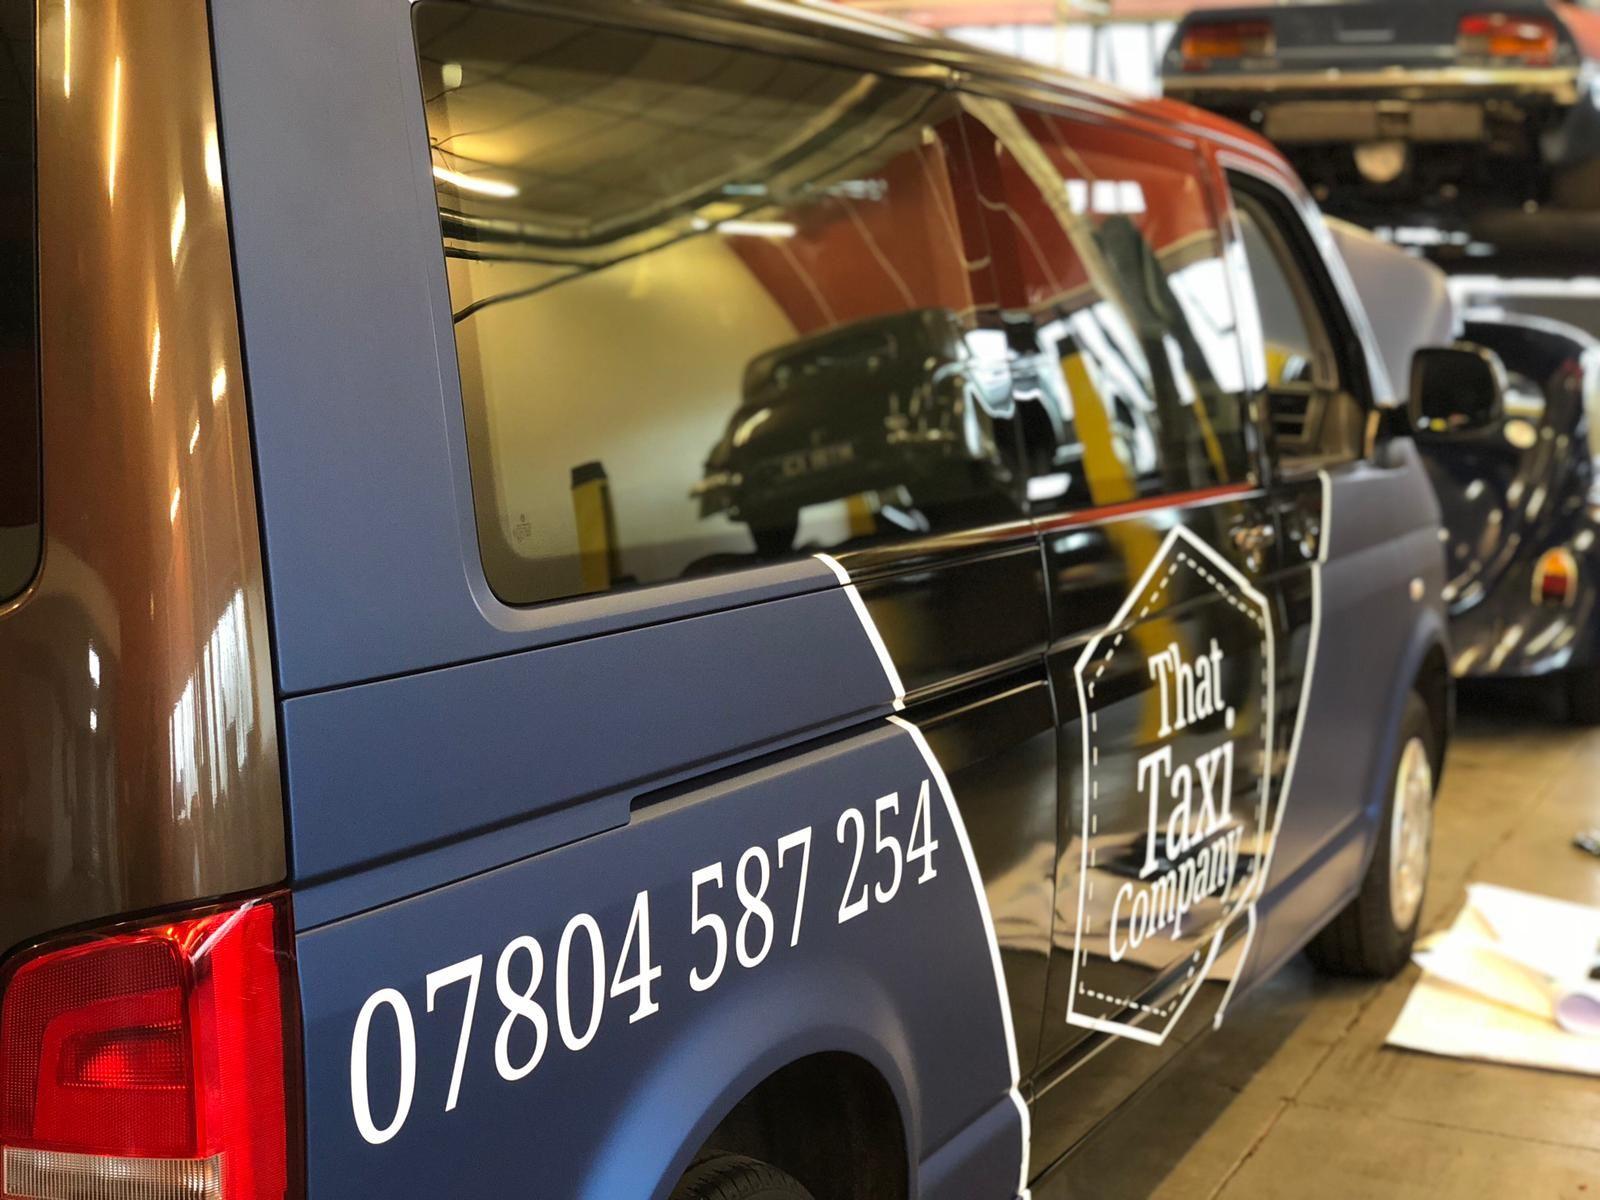 Vinyl Van Wrapping Van wrap, Car wrap, Vans